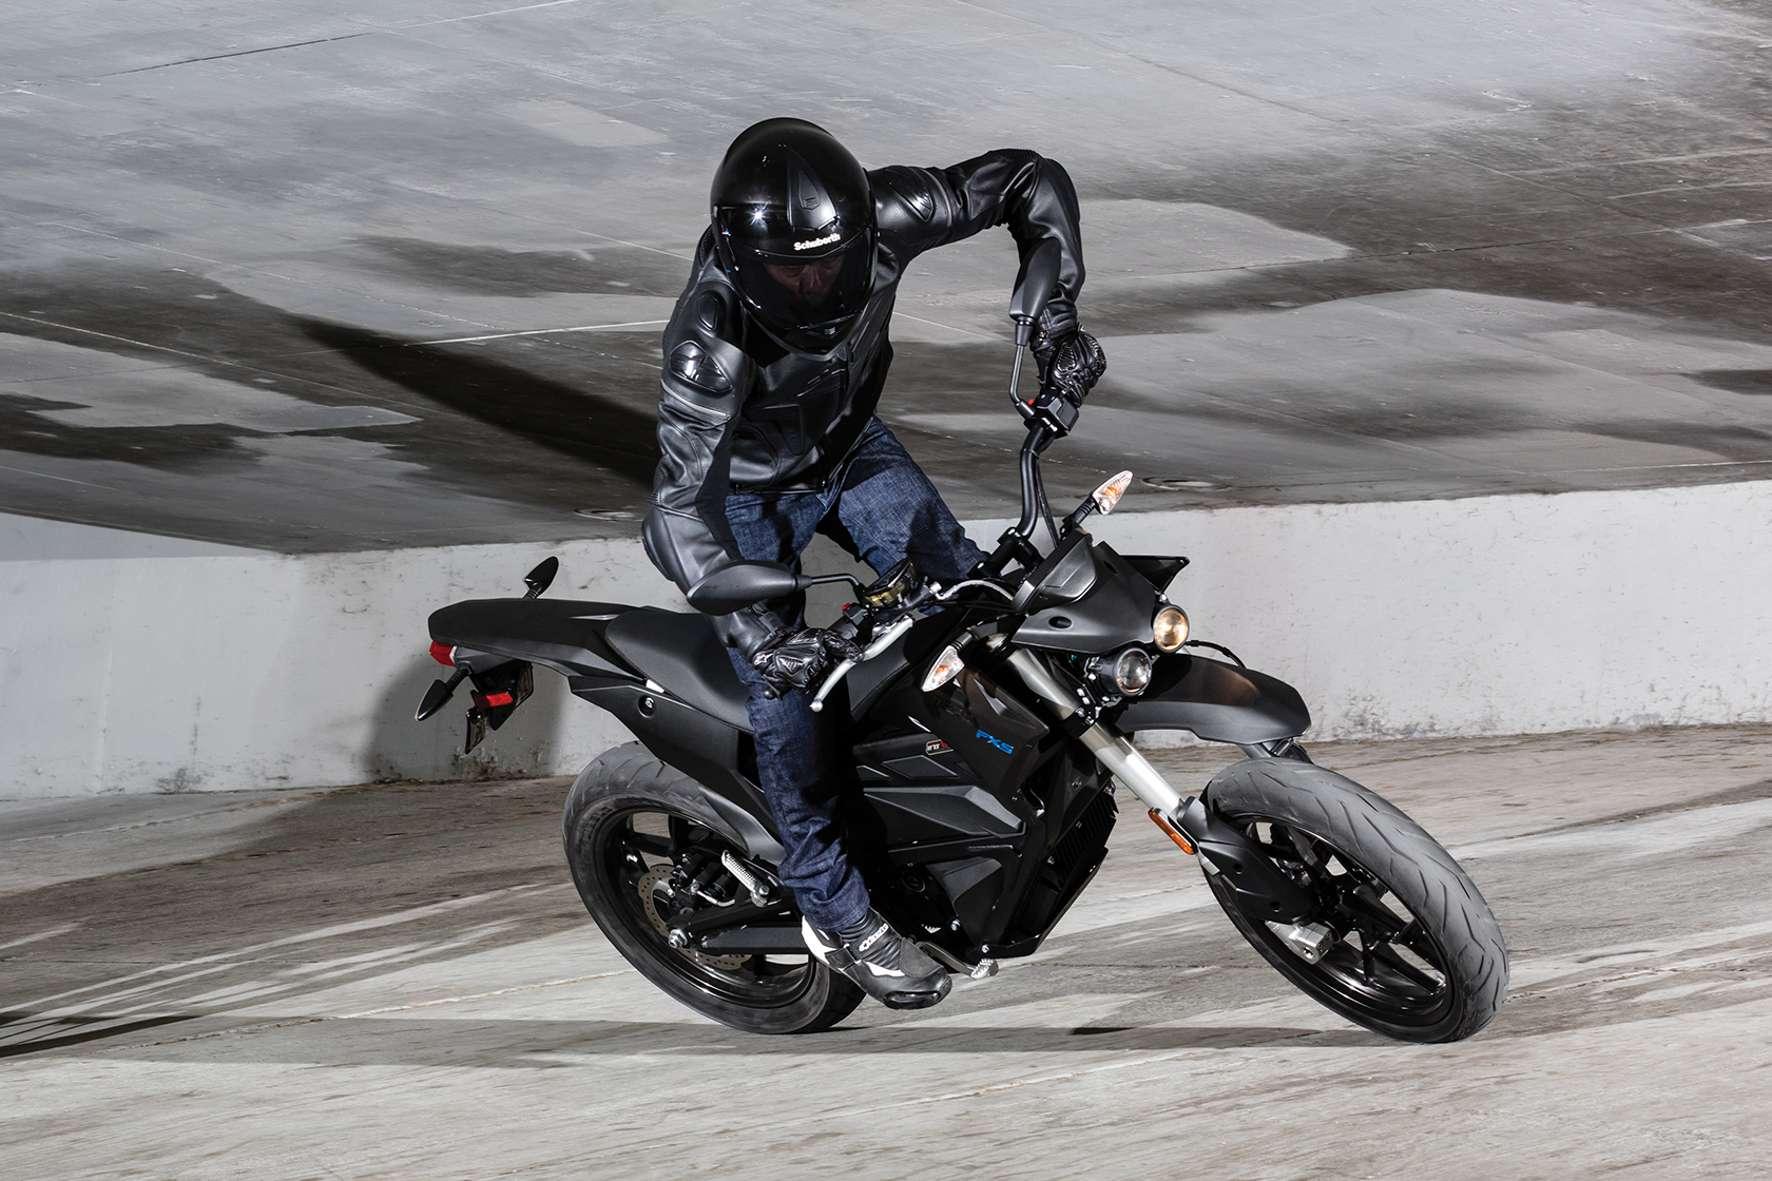 Elektro-Motorräder kommen nur langsam in Schwung